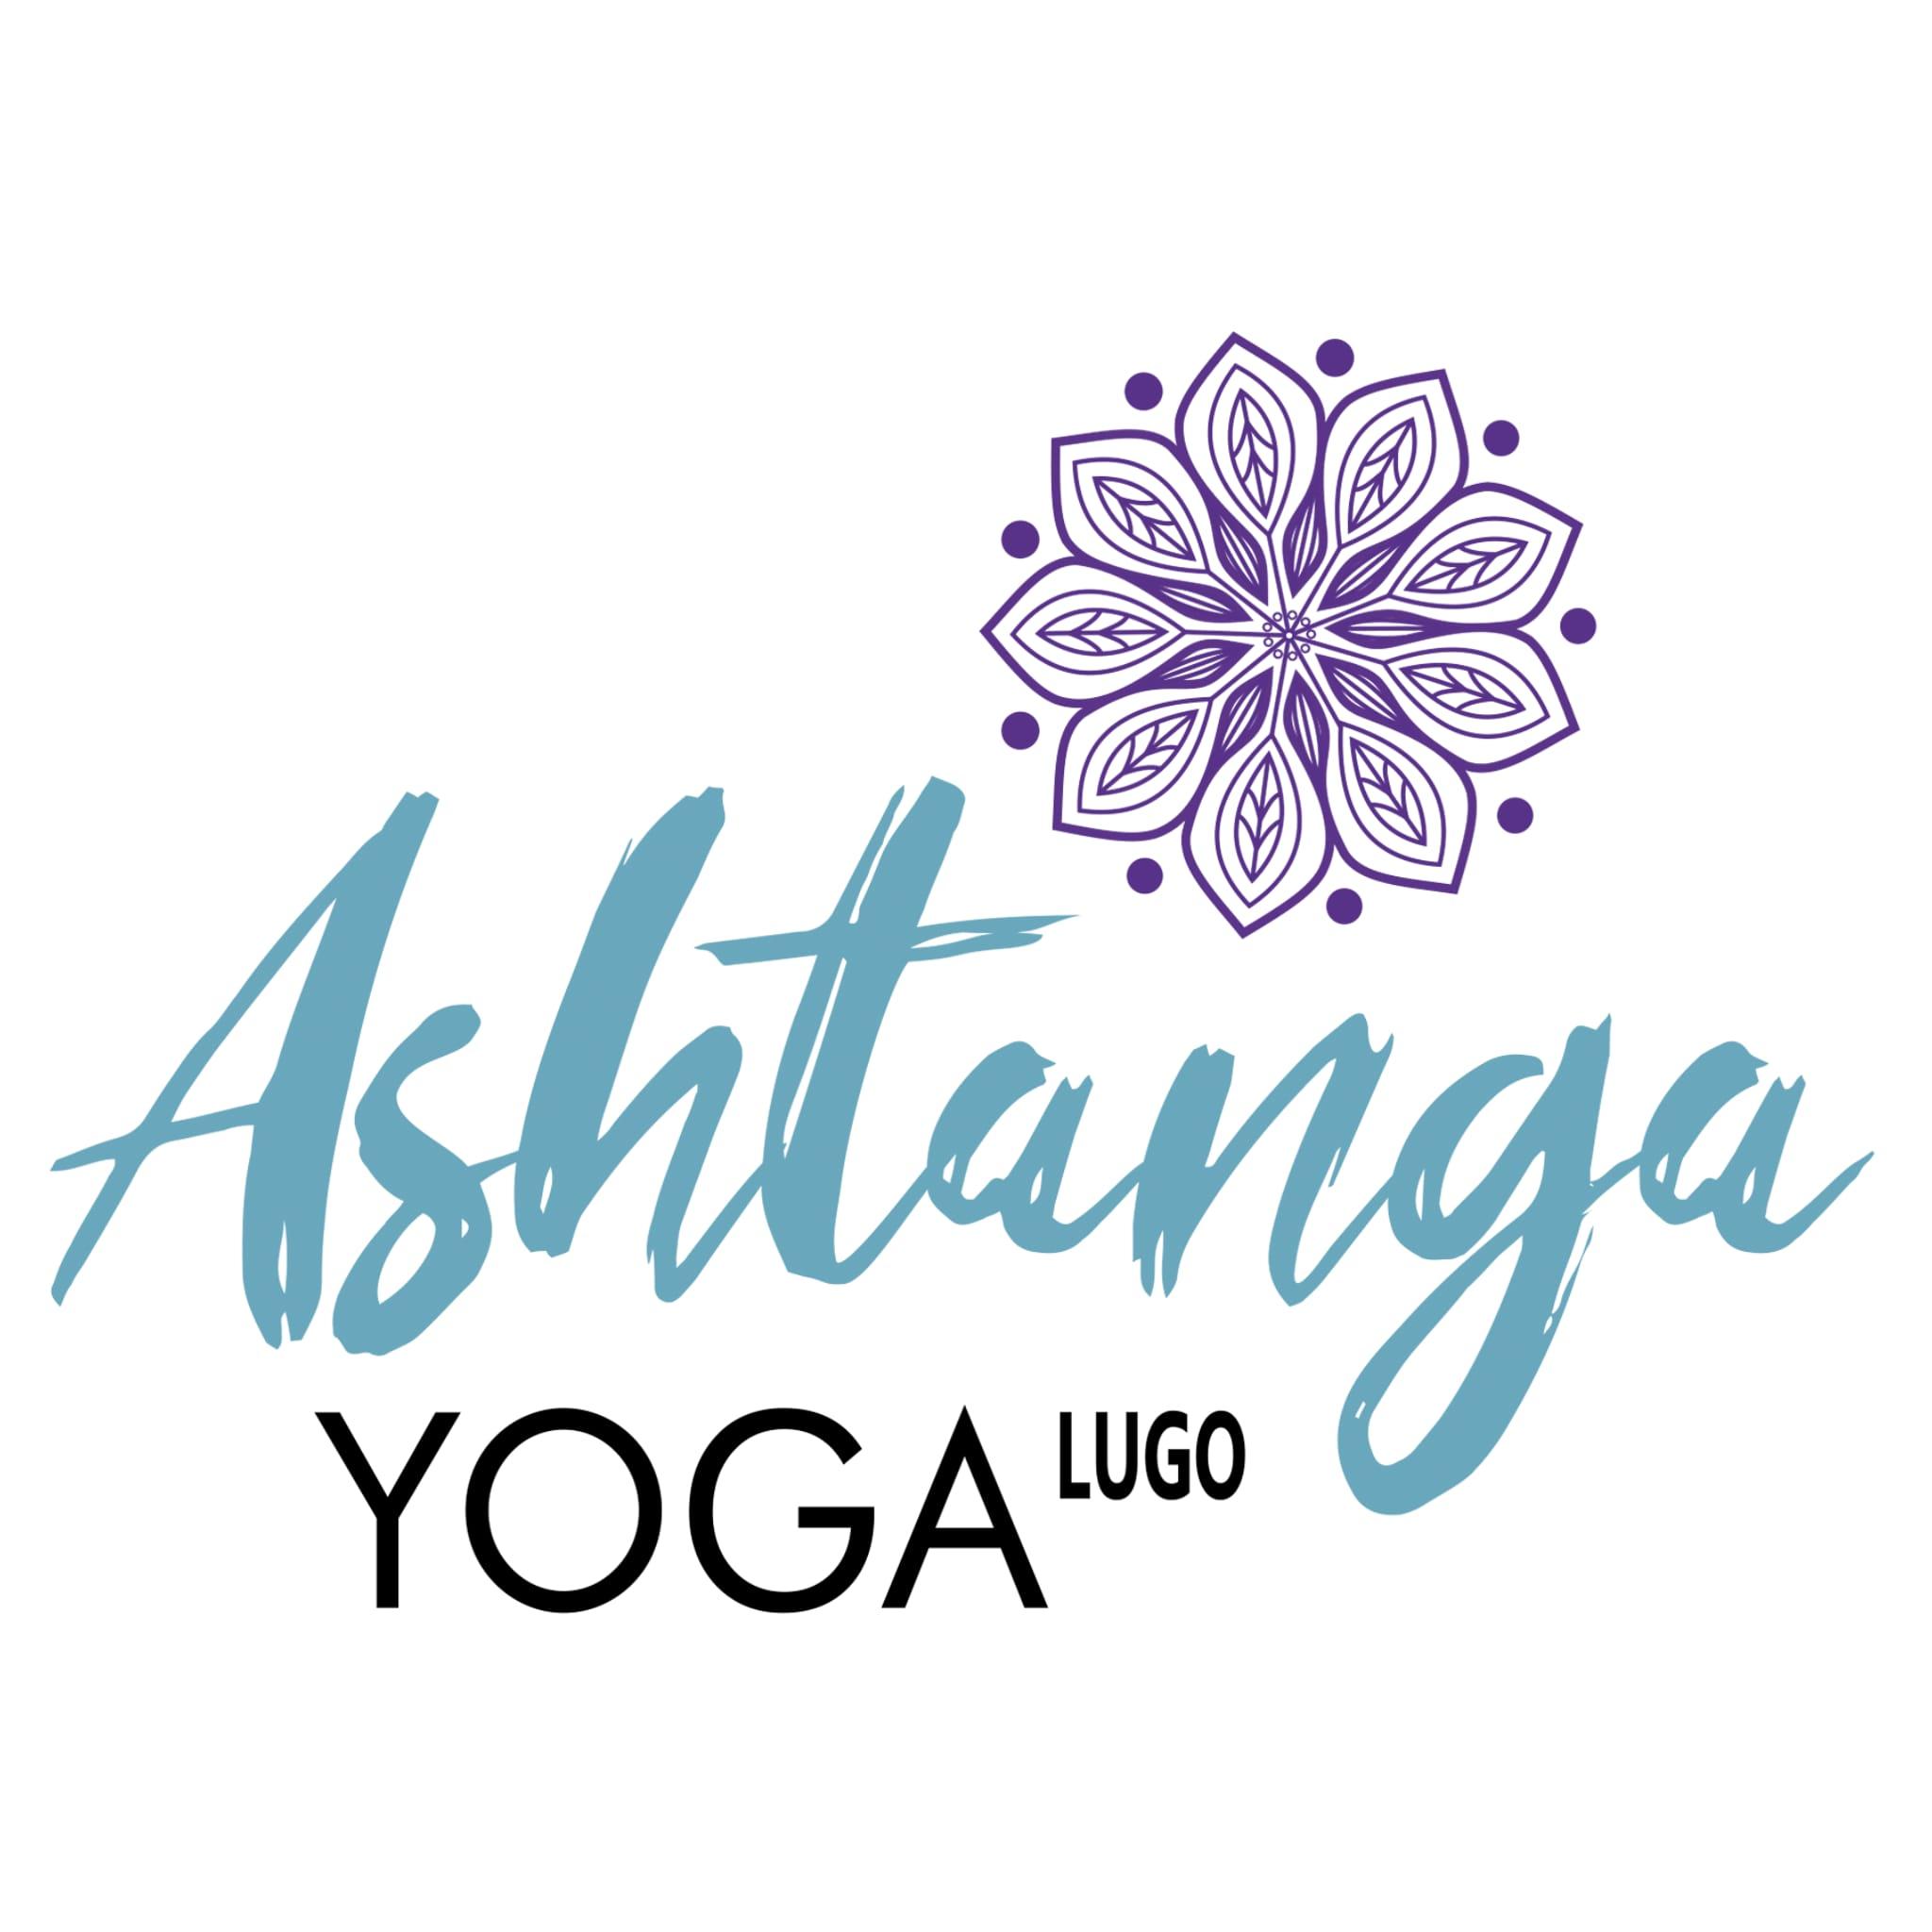 Ashtanga Yoga Lugo